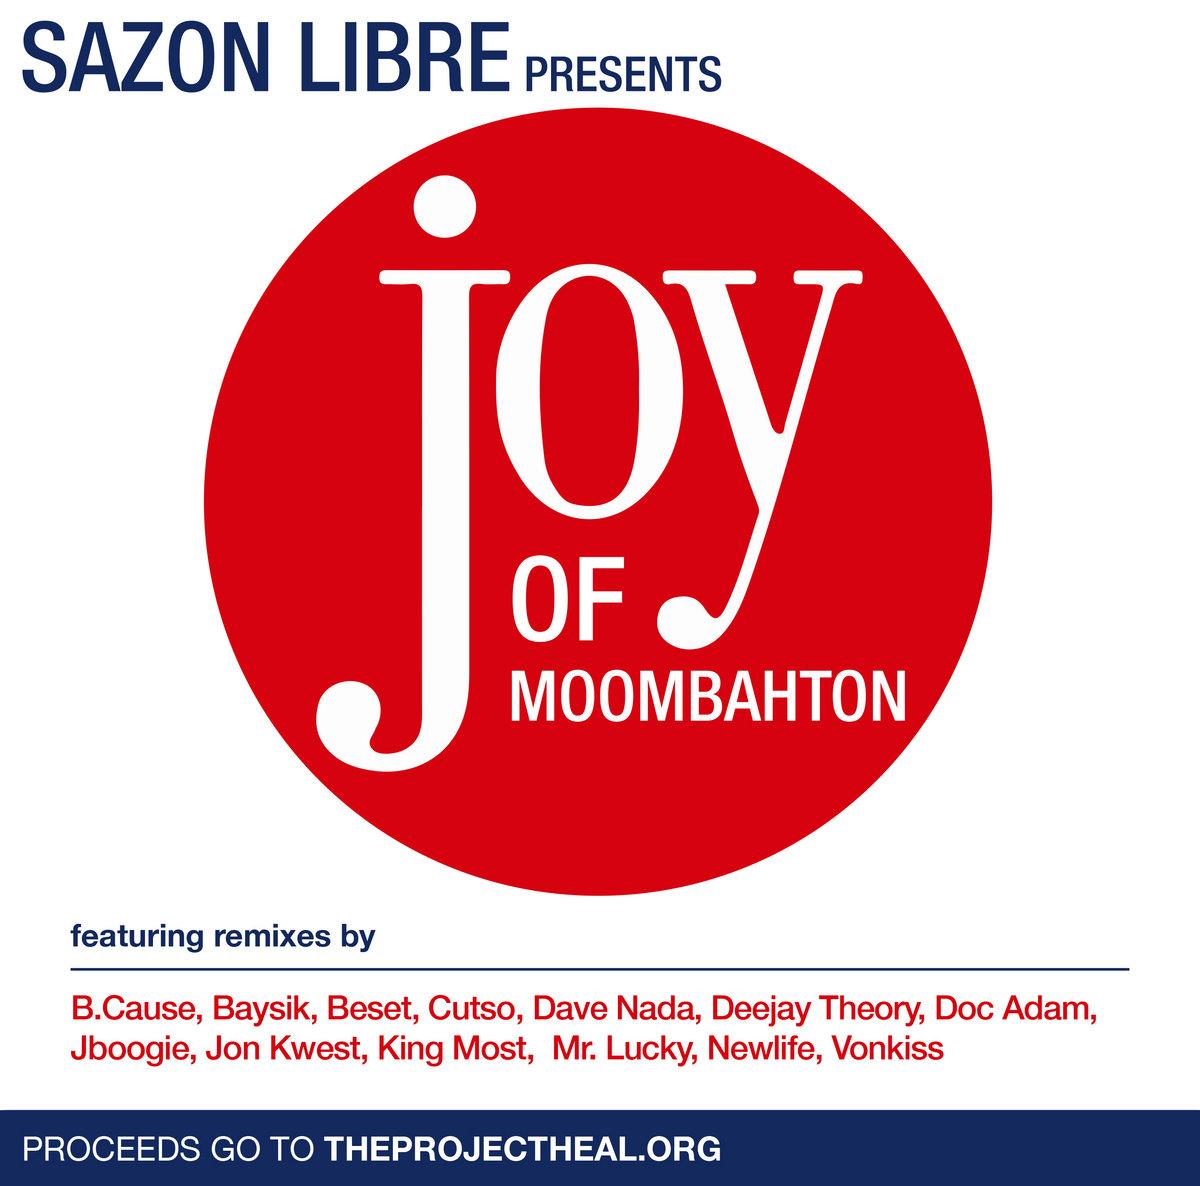 Joy of Moombahton | Sazon Libre